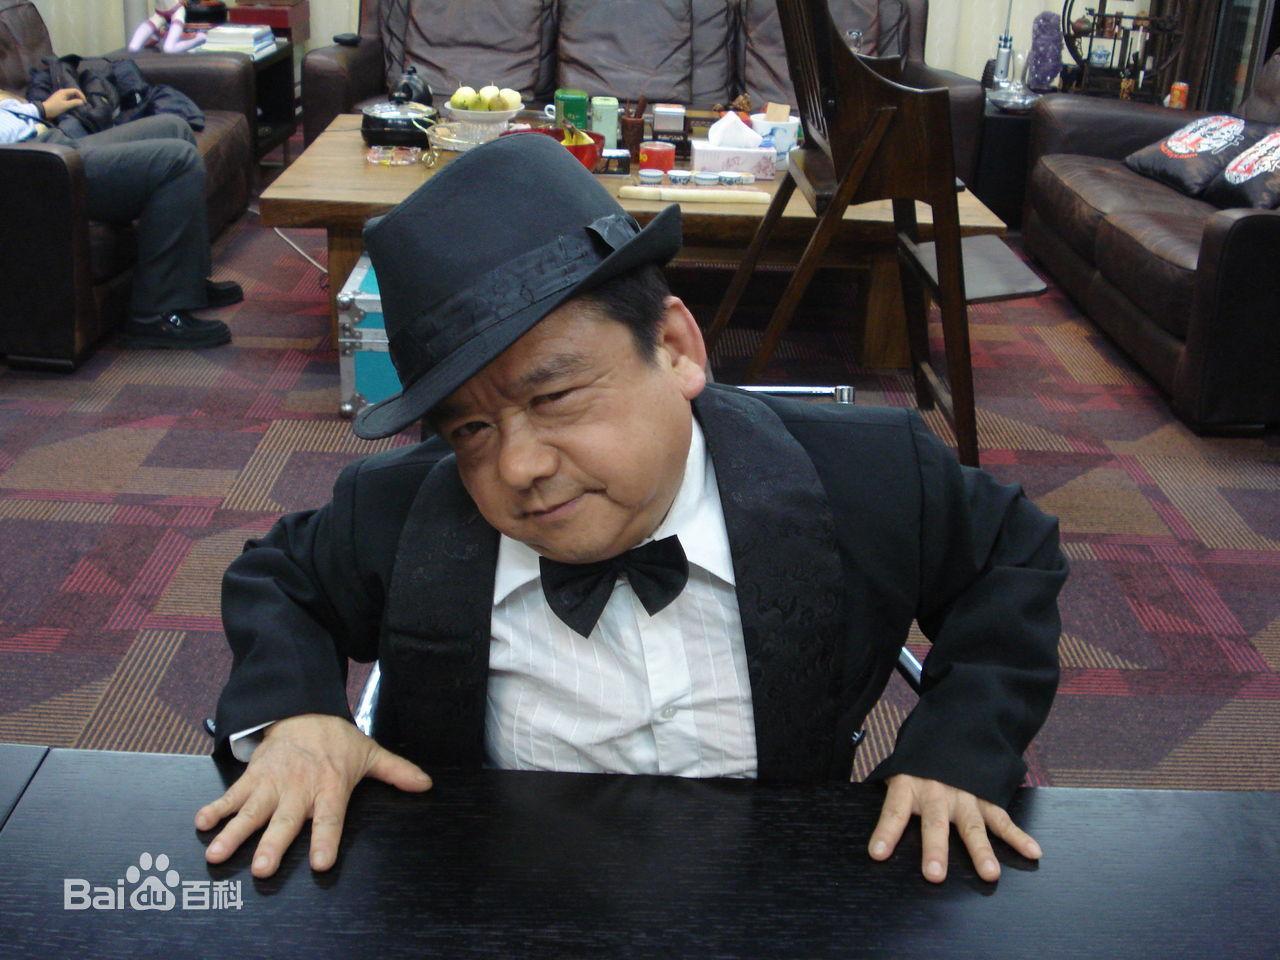 Diễn viên lùn nhất Trung Quốc: Chỉ cao 1m2 nhưng đào hoa, lấy tới 4 vợ trẻ đẹp-6